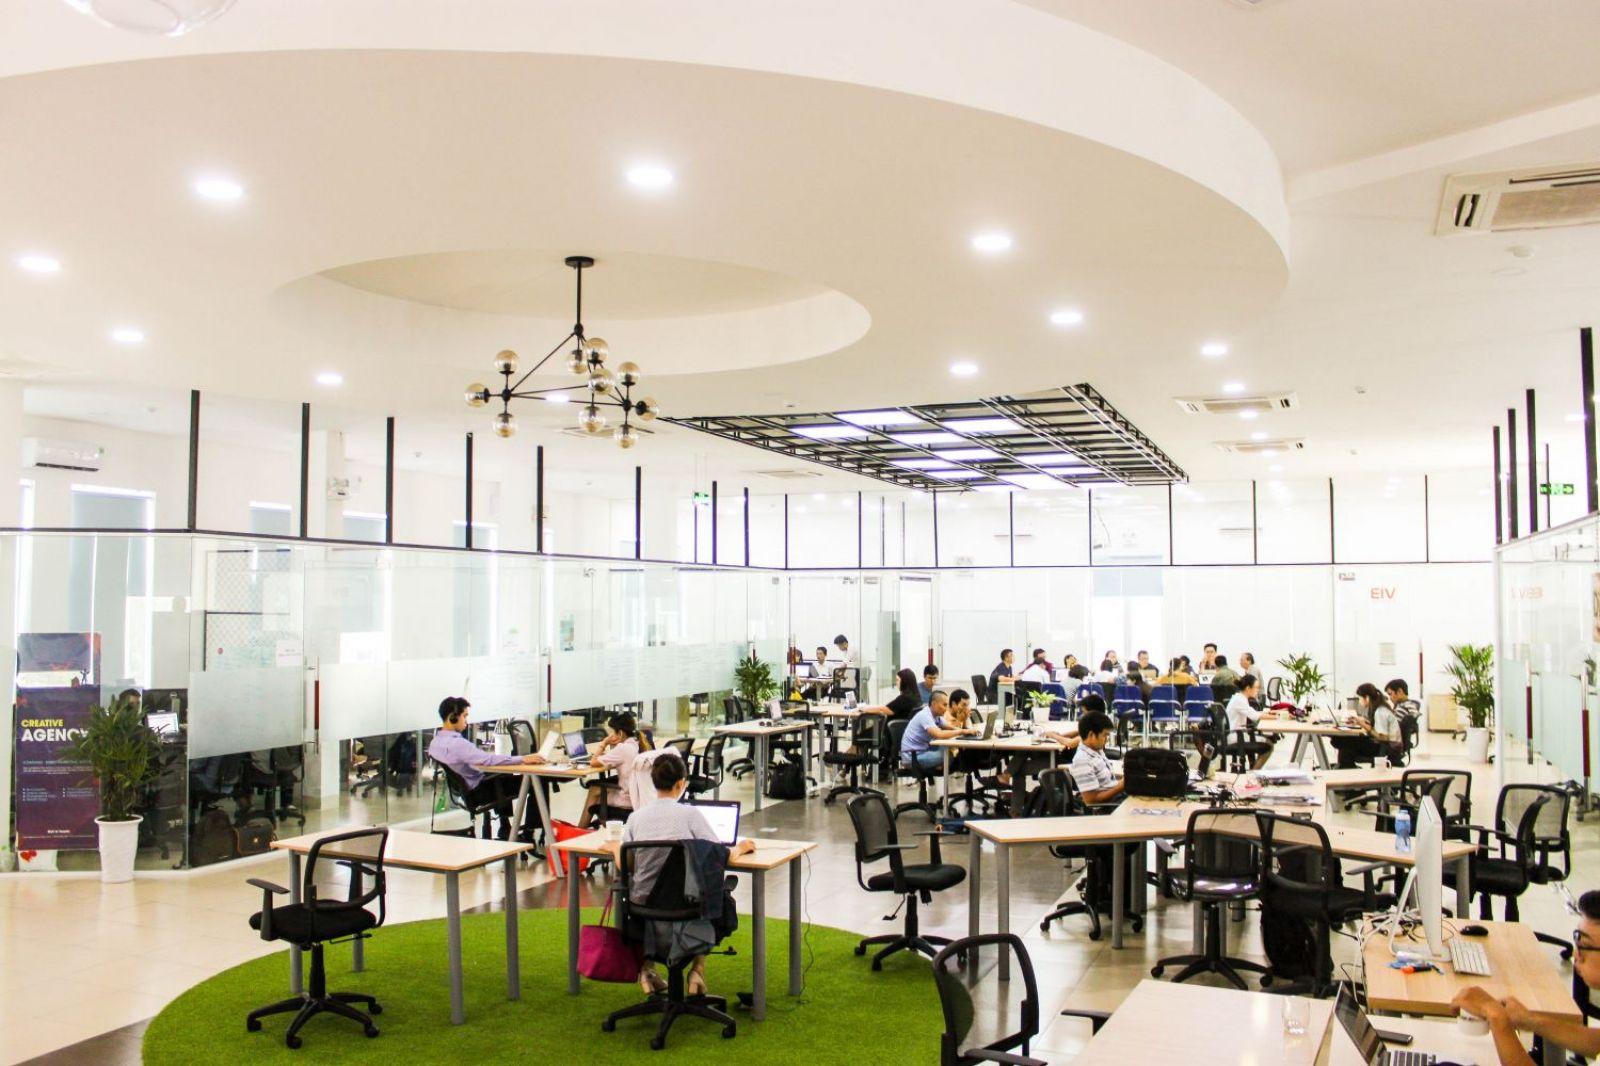 Những điều cần biết khi thuê văn phòng giá rẻ tại Tp. HCM năm 2020